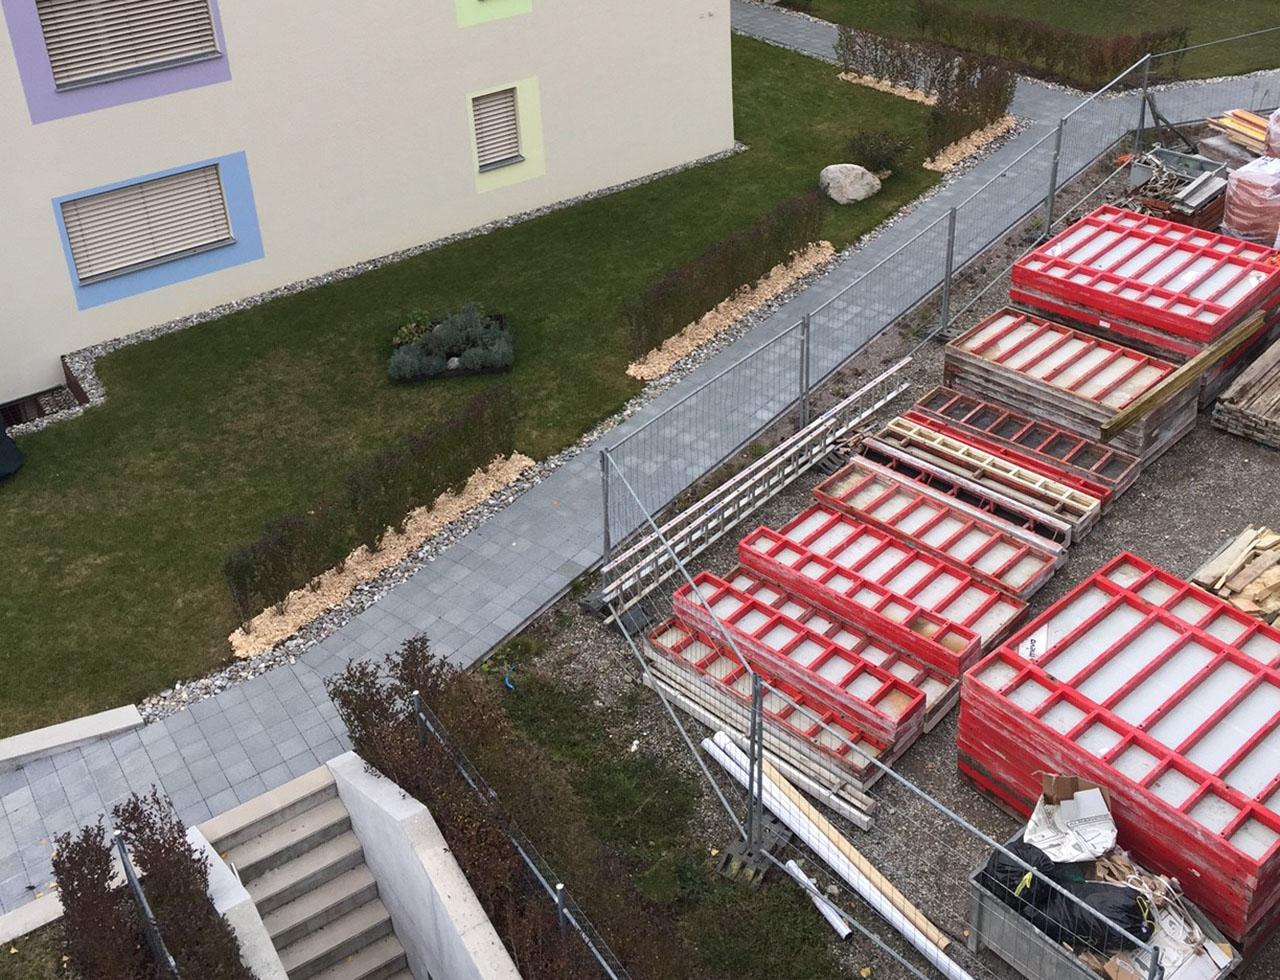 laubhus-immobilien-architektur-sunnehof-haus-d-16112016